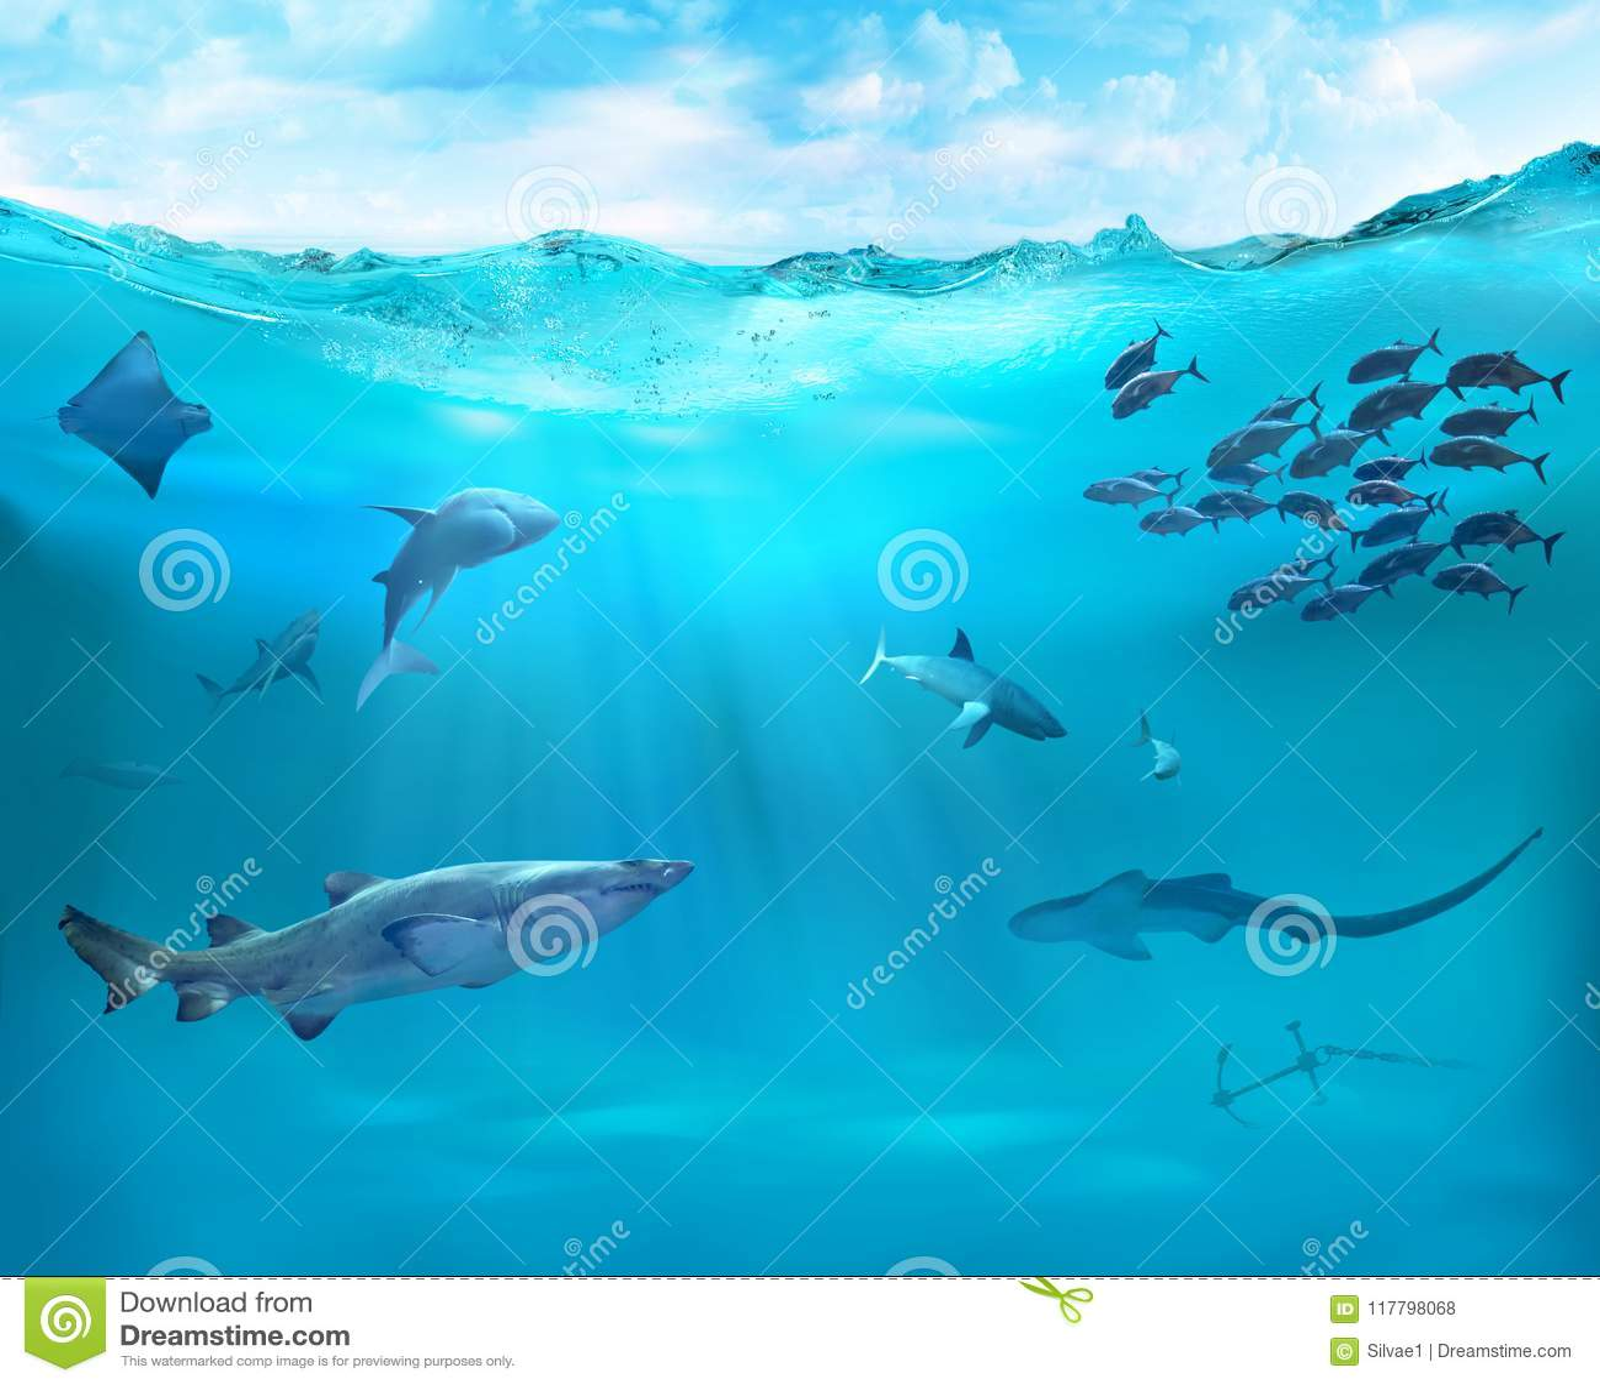 Σκόπελος με τα θαλάσσια ζώα